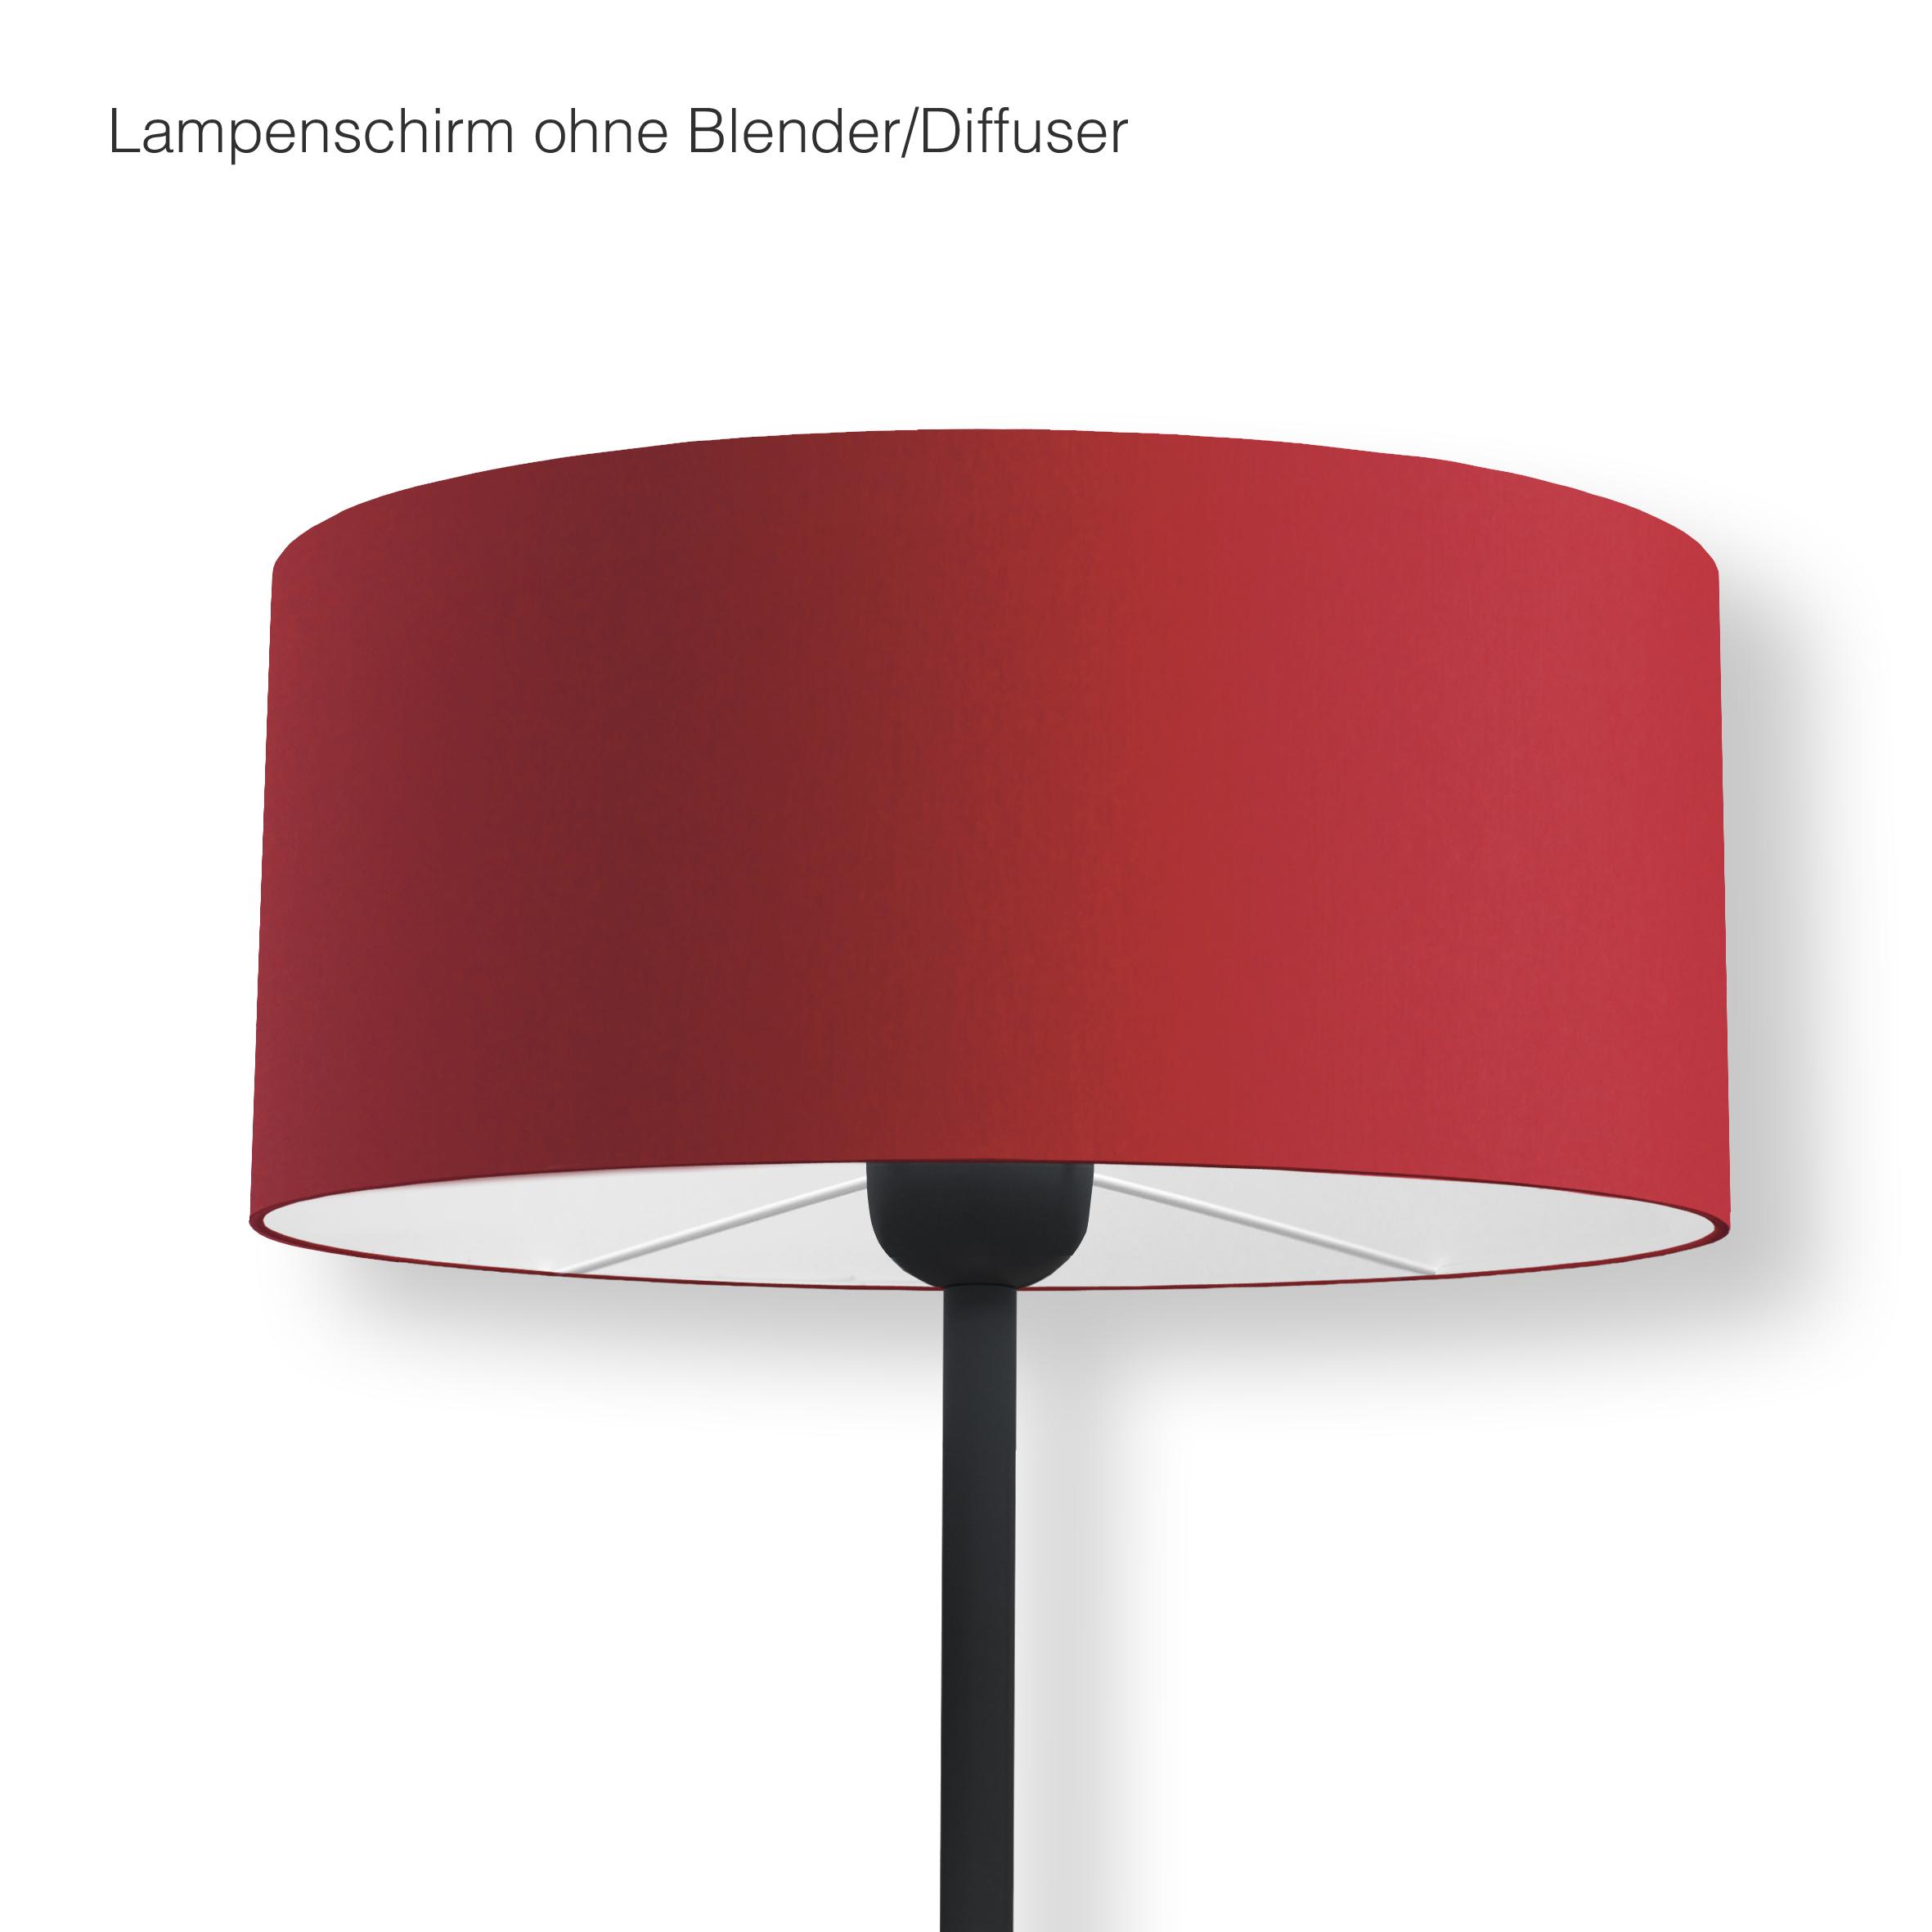 stehleuchte schwarz stehlampe mit lampenschirm. Black Bedroom Furniture Sets. Home Design Ideas